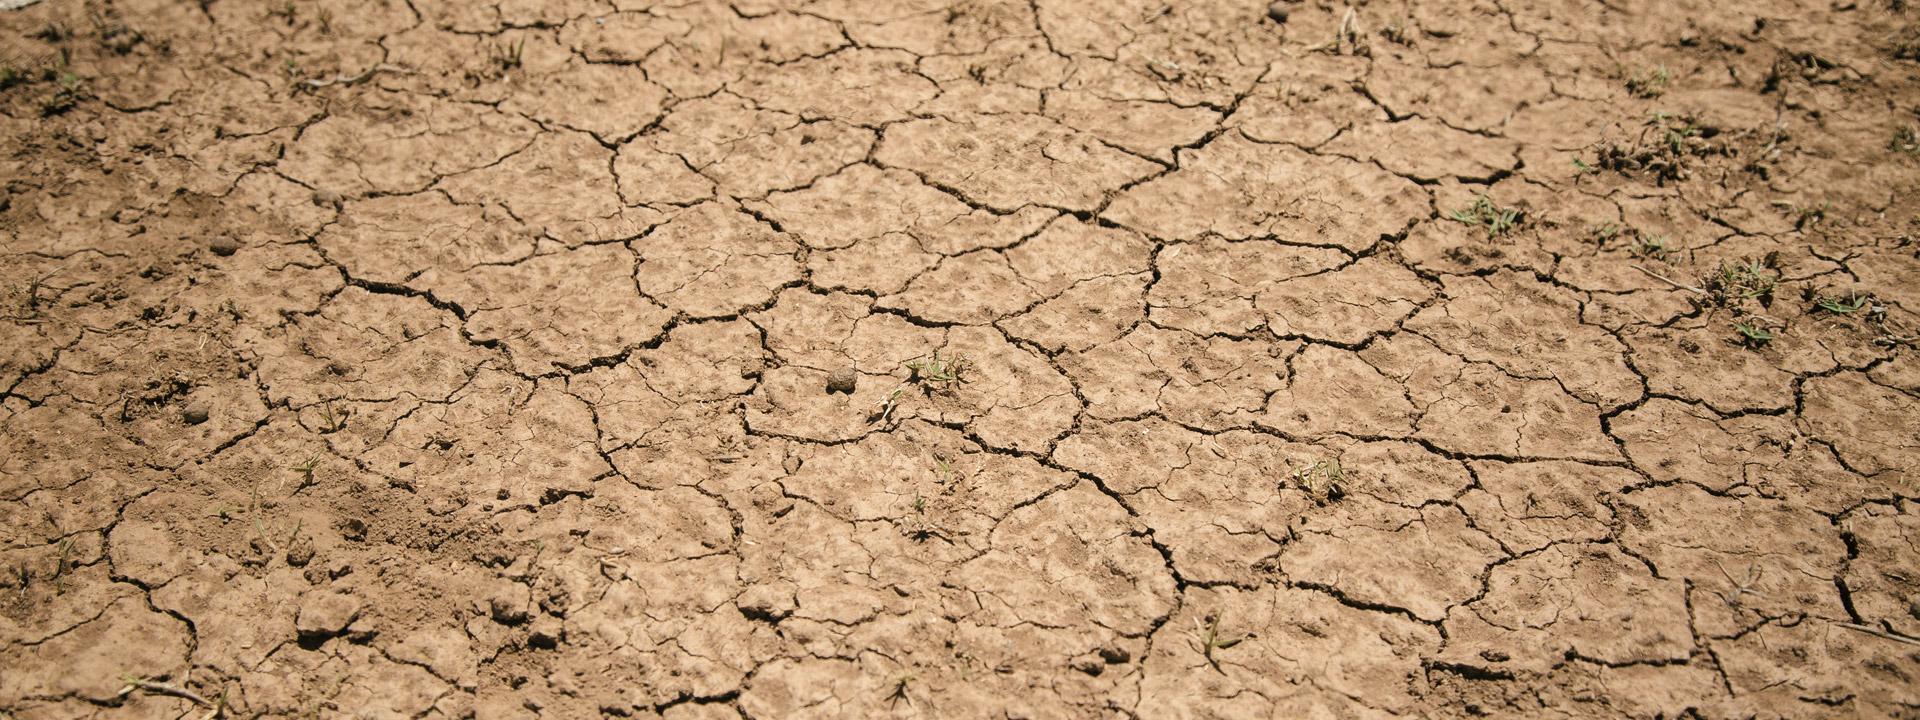 Foto: ausgedörrter Boden